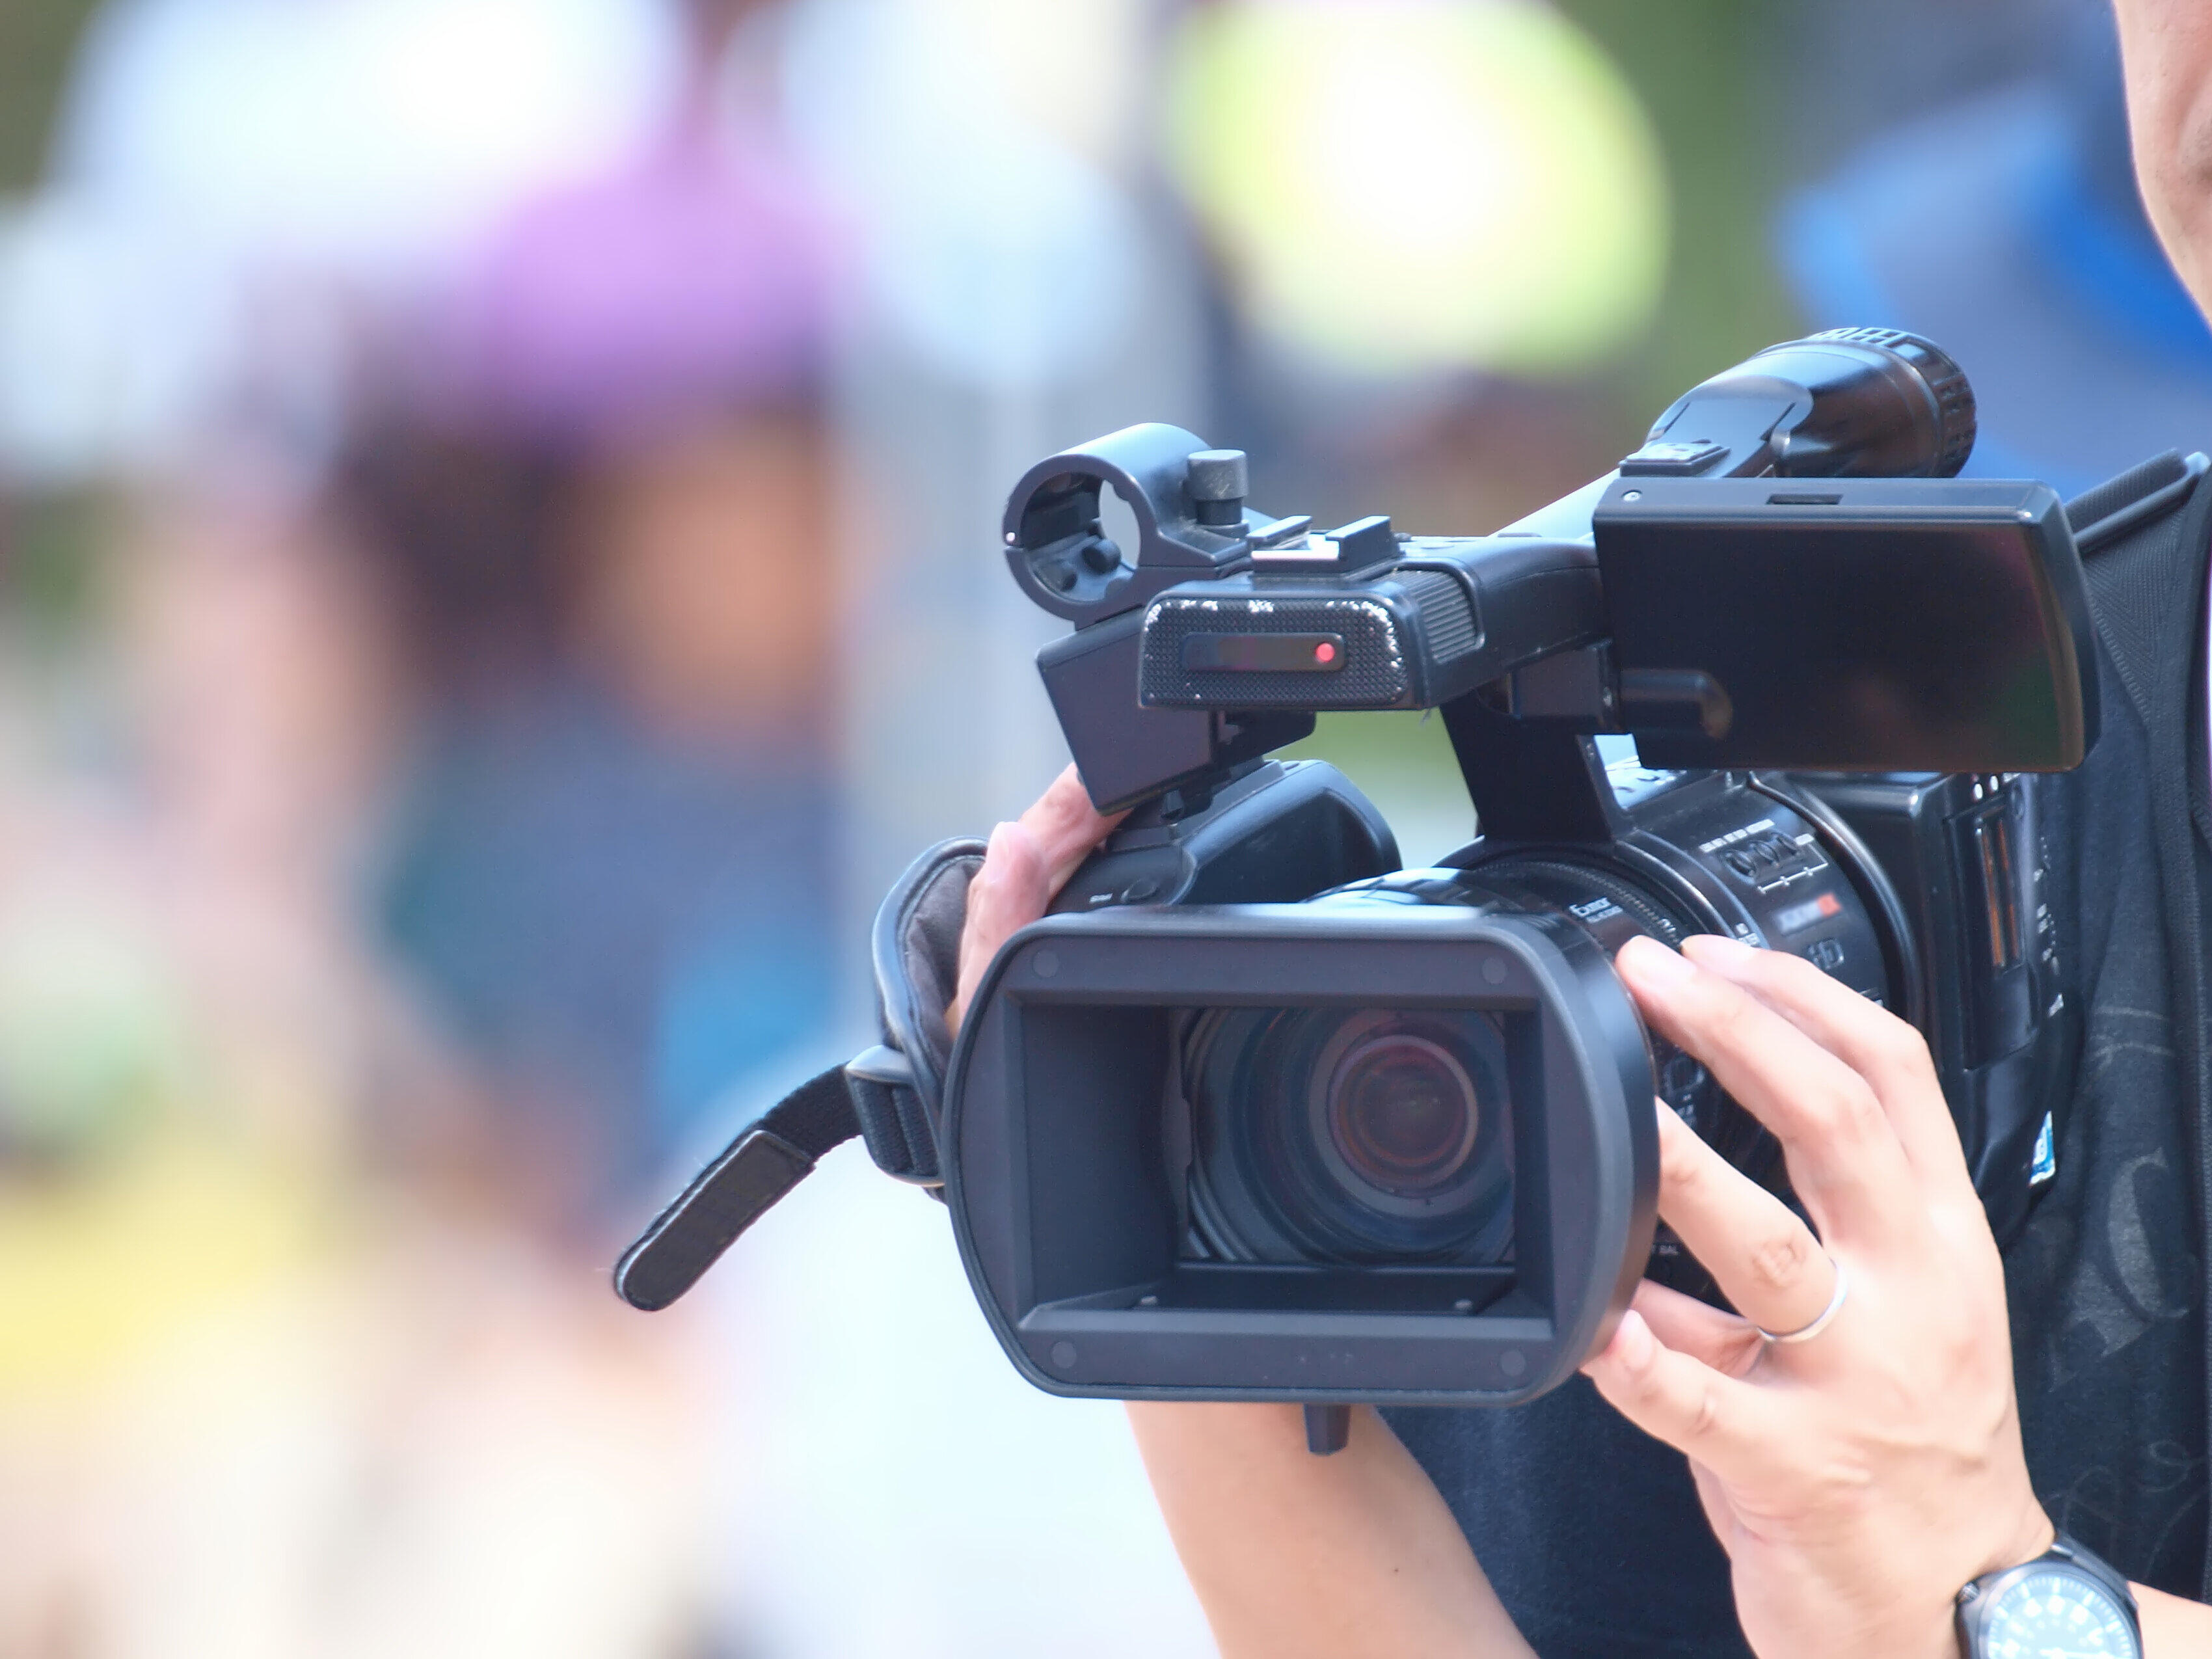 Photo of 竹内結子さんの家の前のメディア集結YouTuberの「通知」の動画で議論:J-CASTニュース[전체보기]